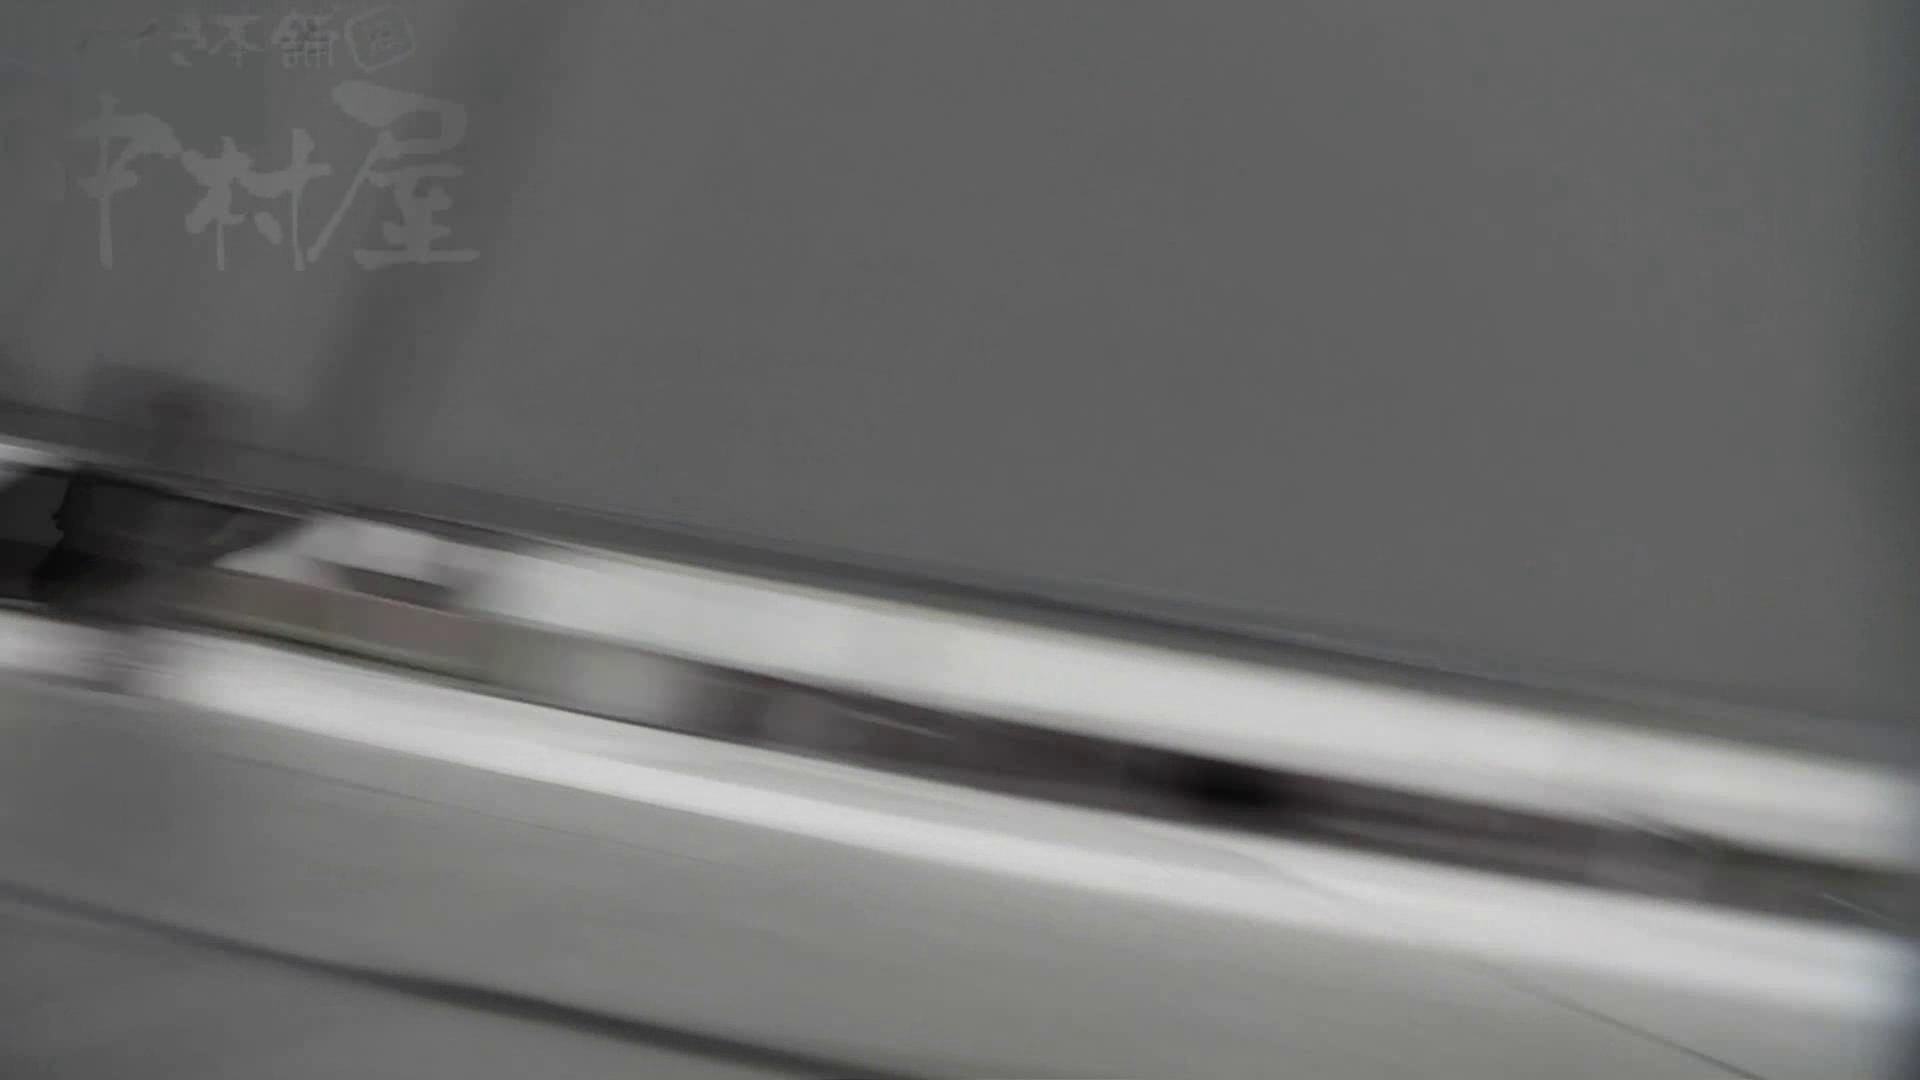 美しい日本の未来 No.06 更に侵入フロント究極な画質 お尻 性交動画流出 104枚 66